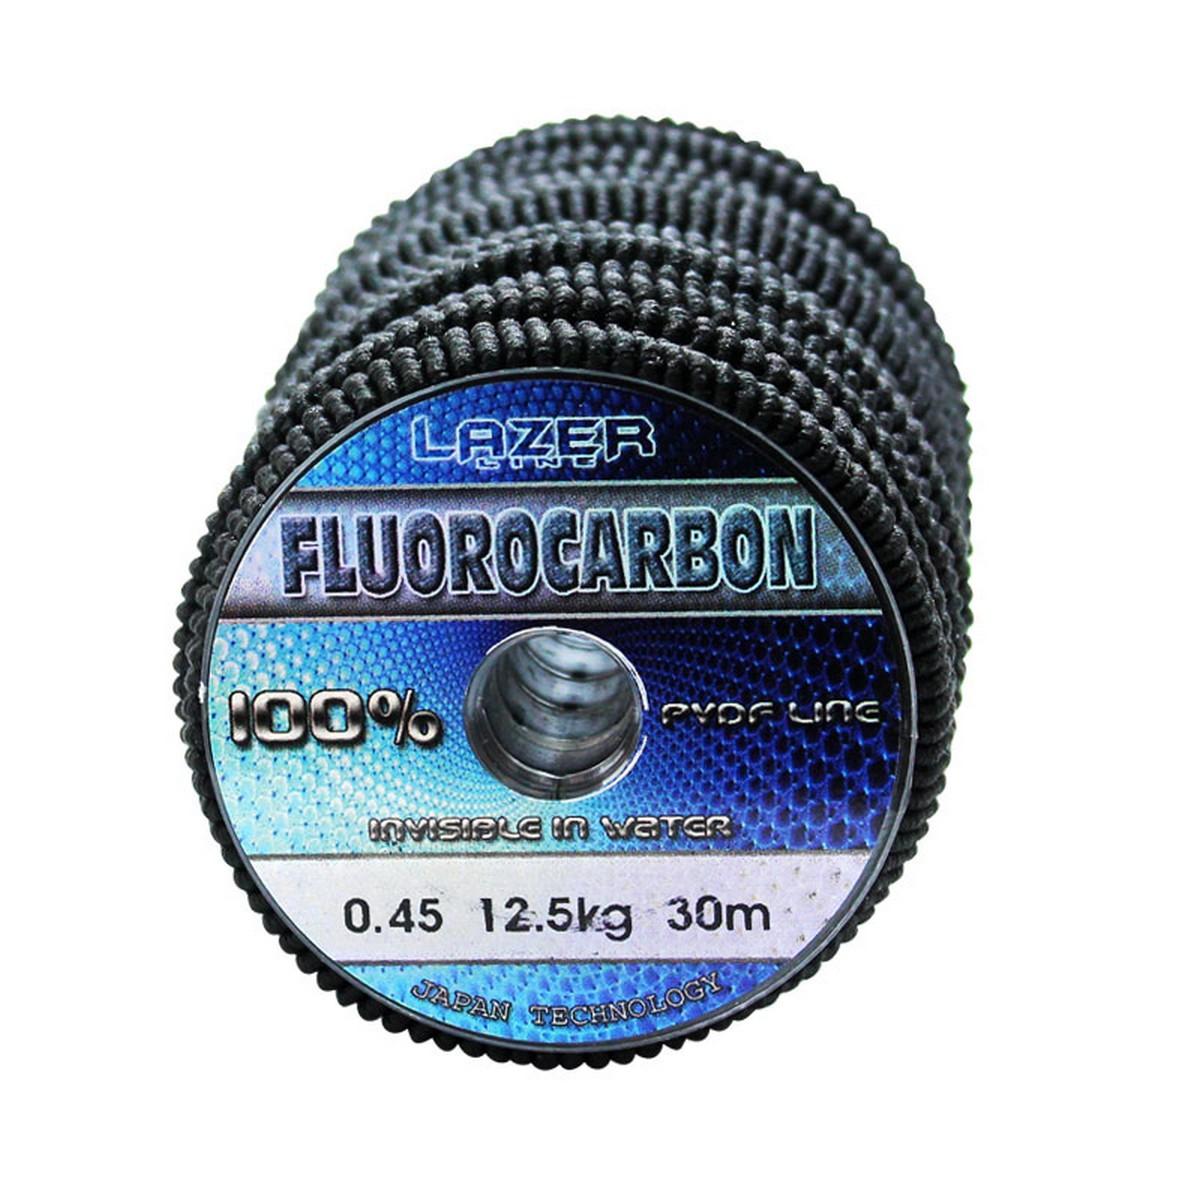 Флуорокарбон Lazer Fluorocarbon PVDF Line 30m